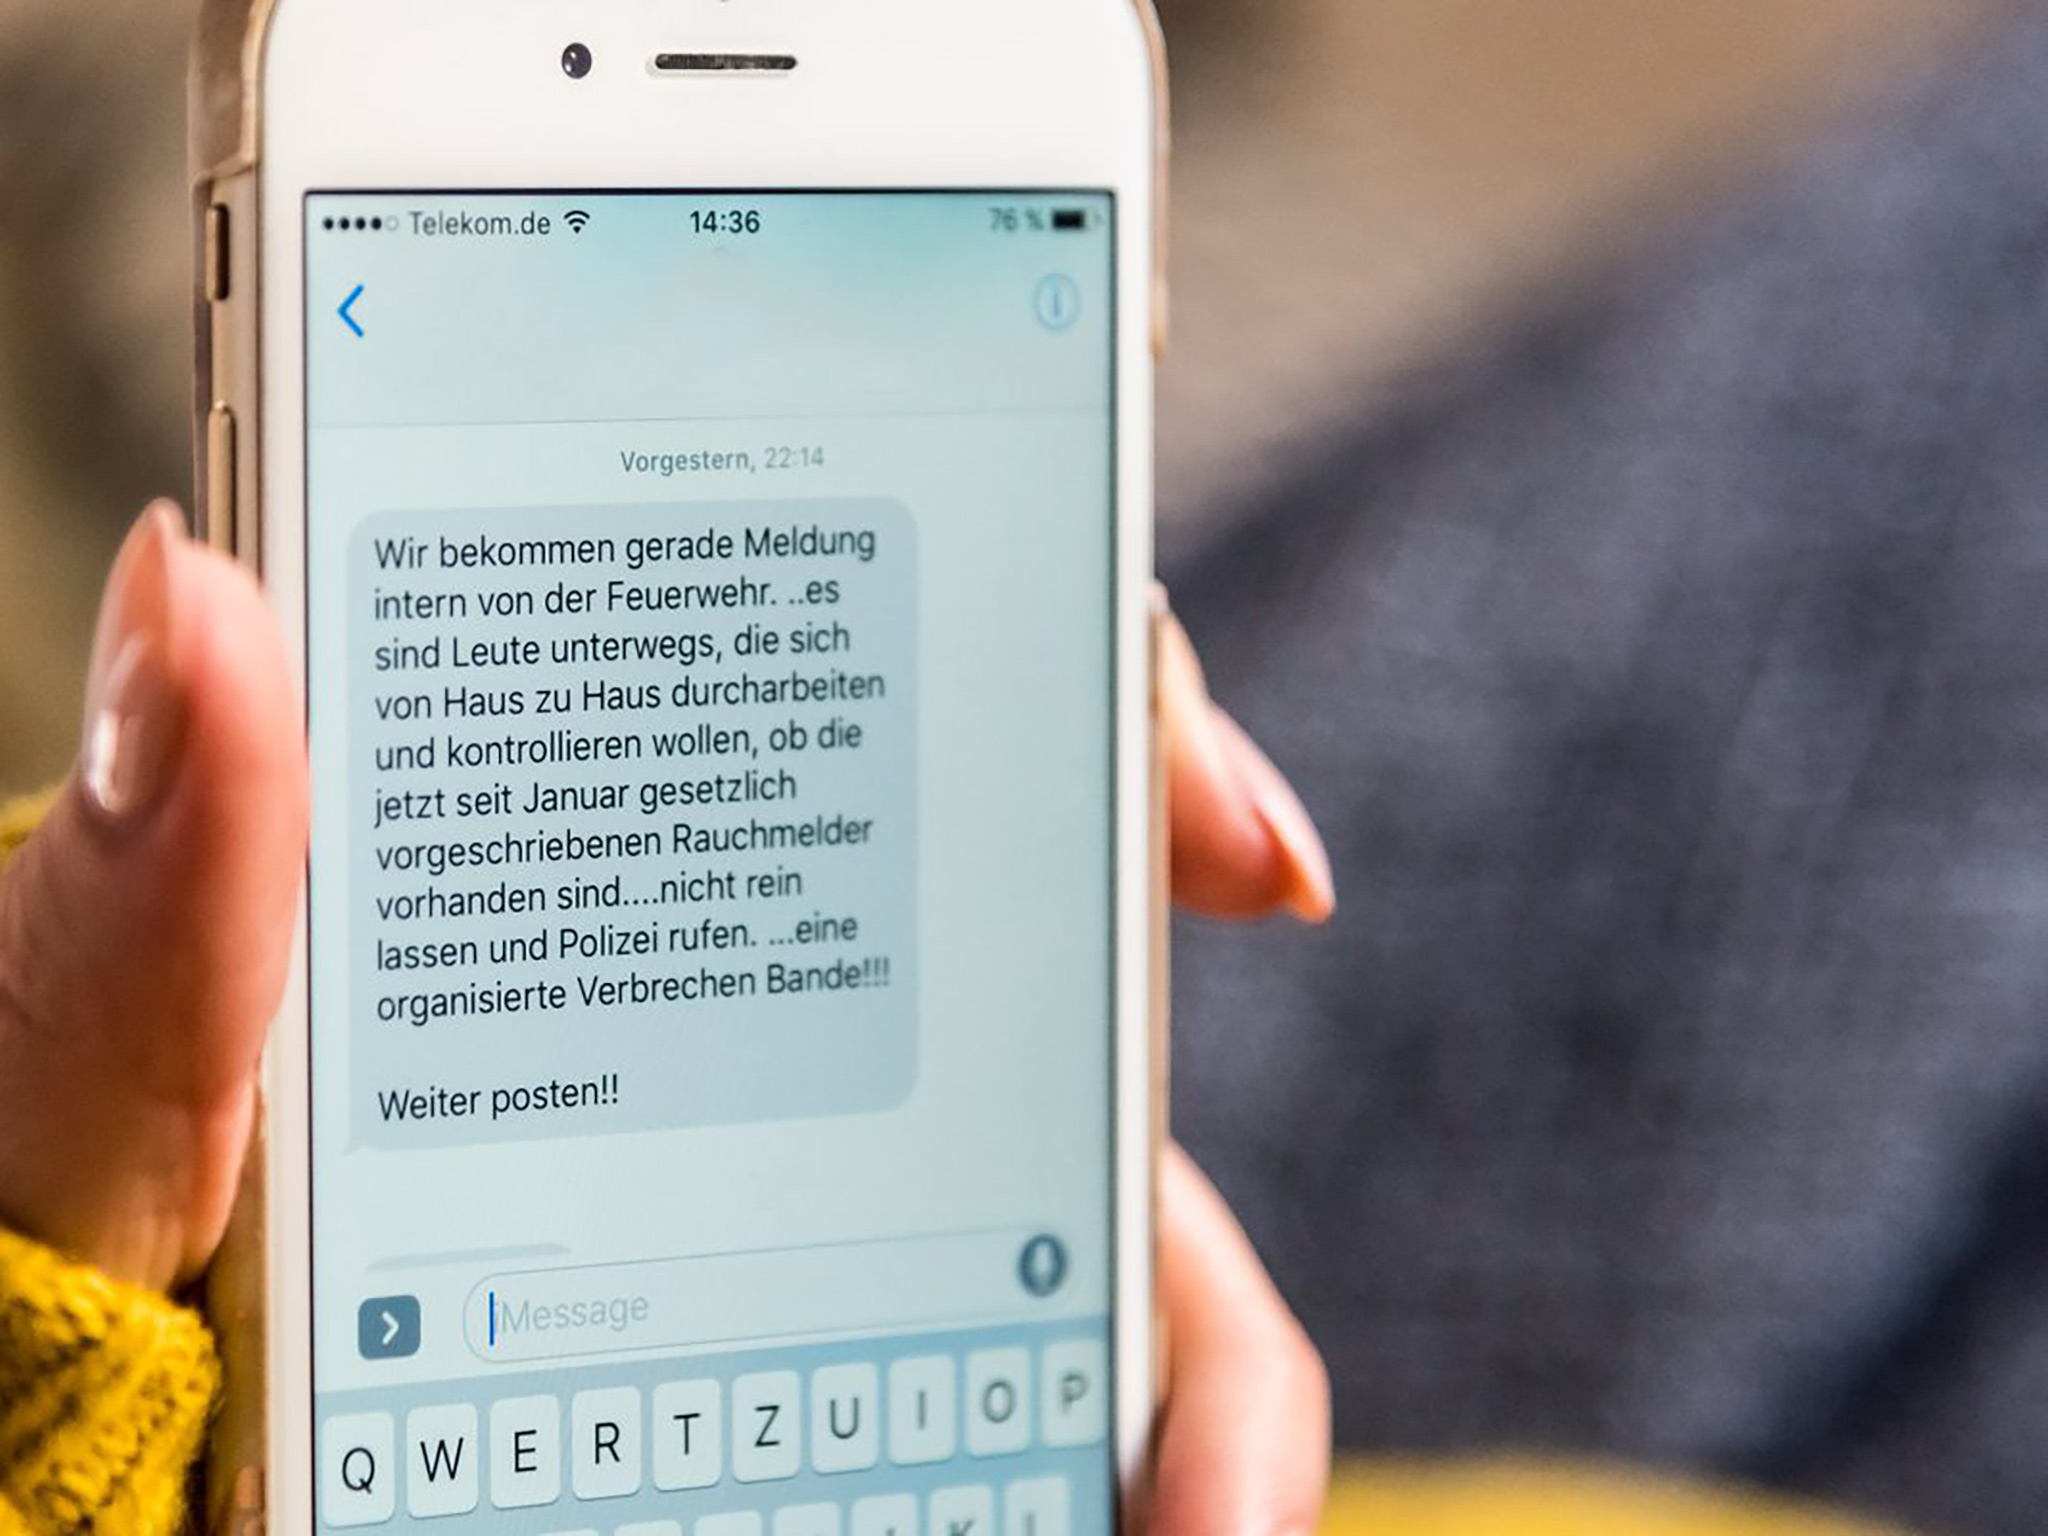 Wie bereits im letzten Jahr häufig zu beobachten war, ist derzeit wieder eine WhatsApp-Nachricht im Umlauf, die vor Betrügern warnt. Foto: Pascal Höfig